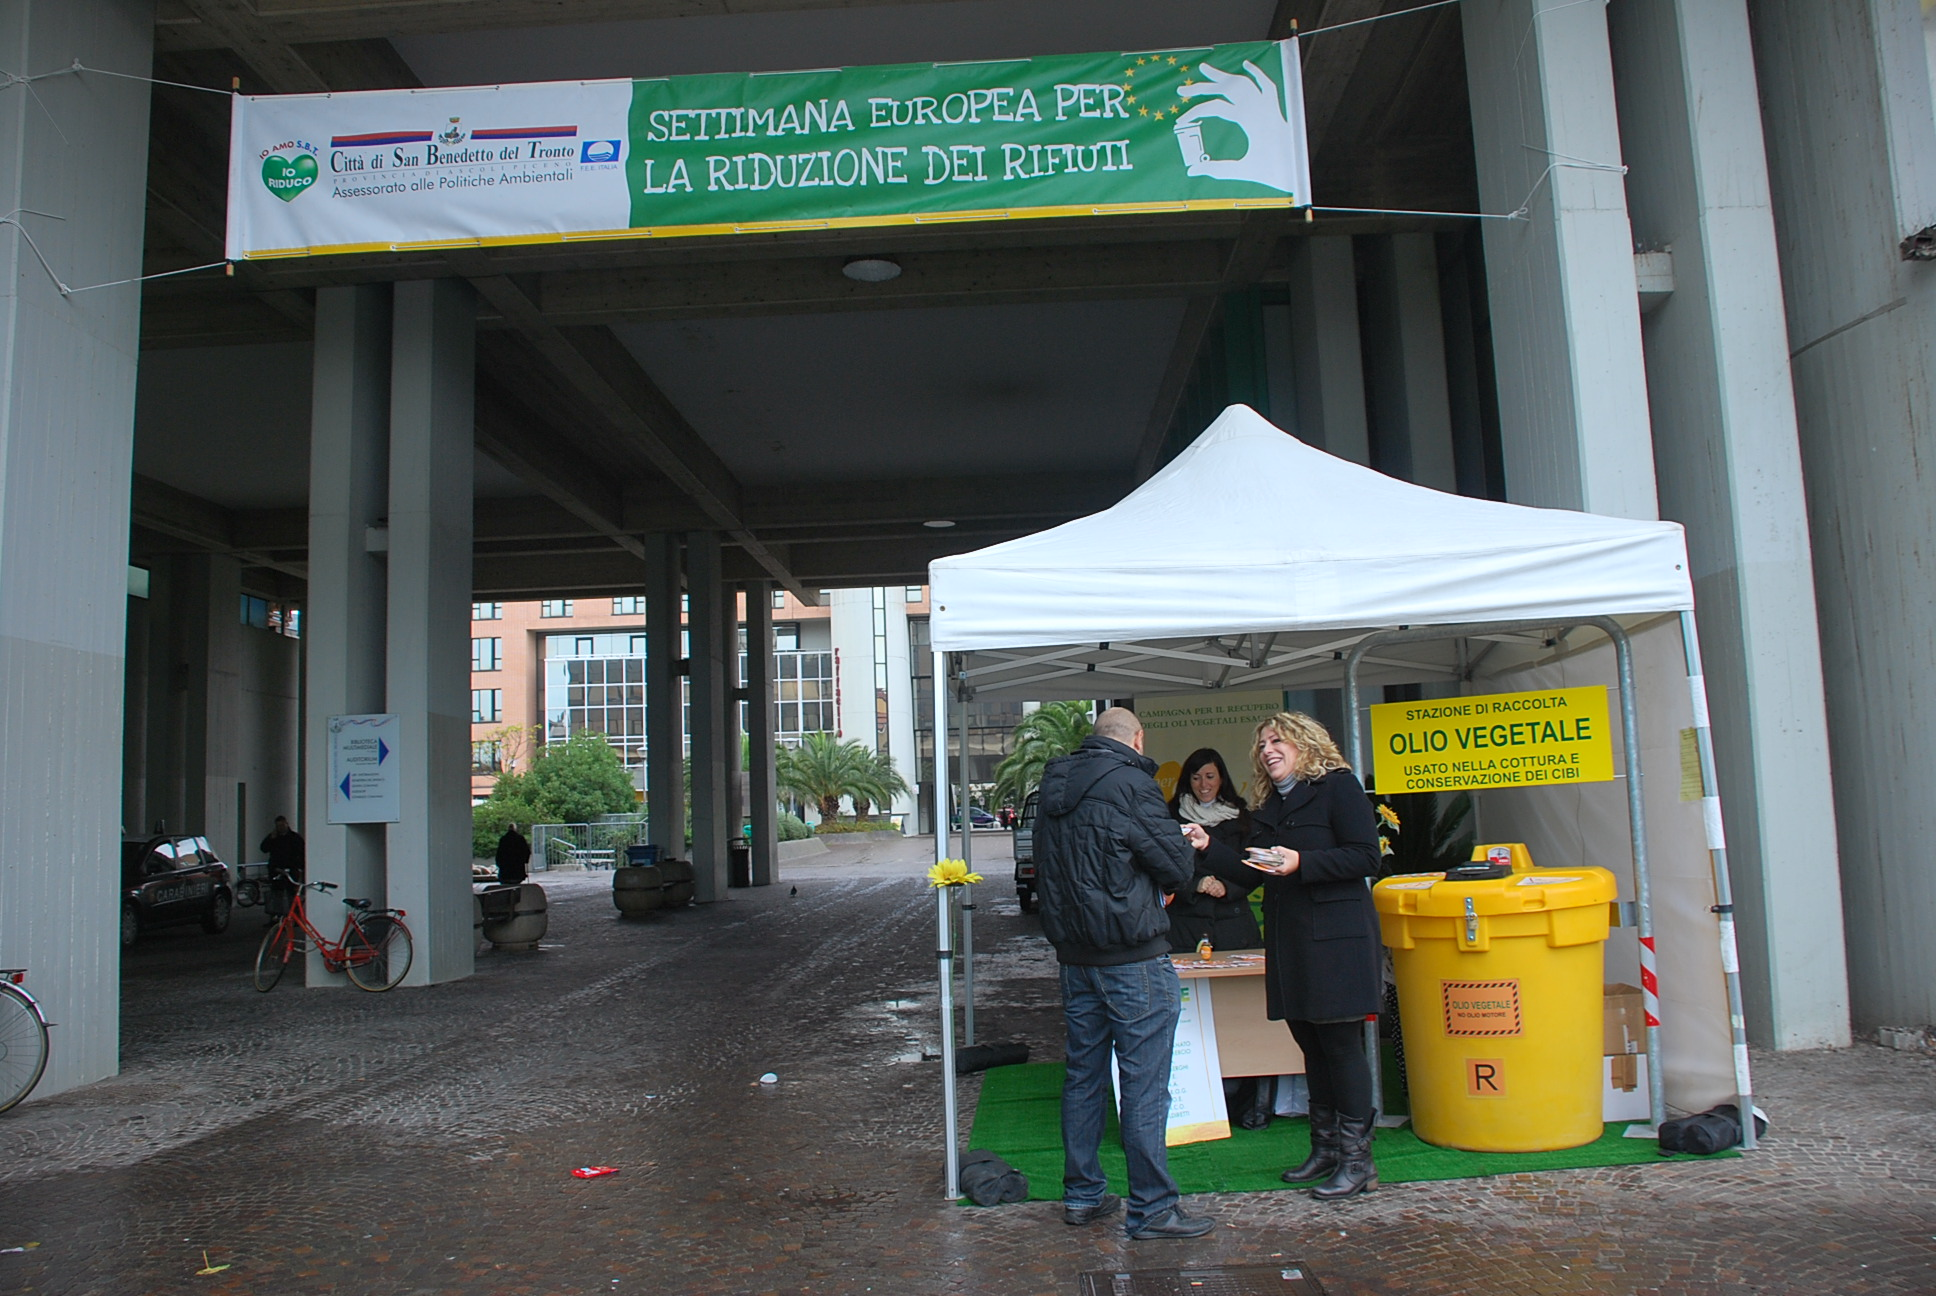 settimana dei rifiuti -la stazione di raccolta per gli oli vegetali esausti